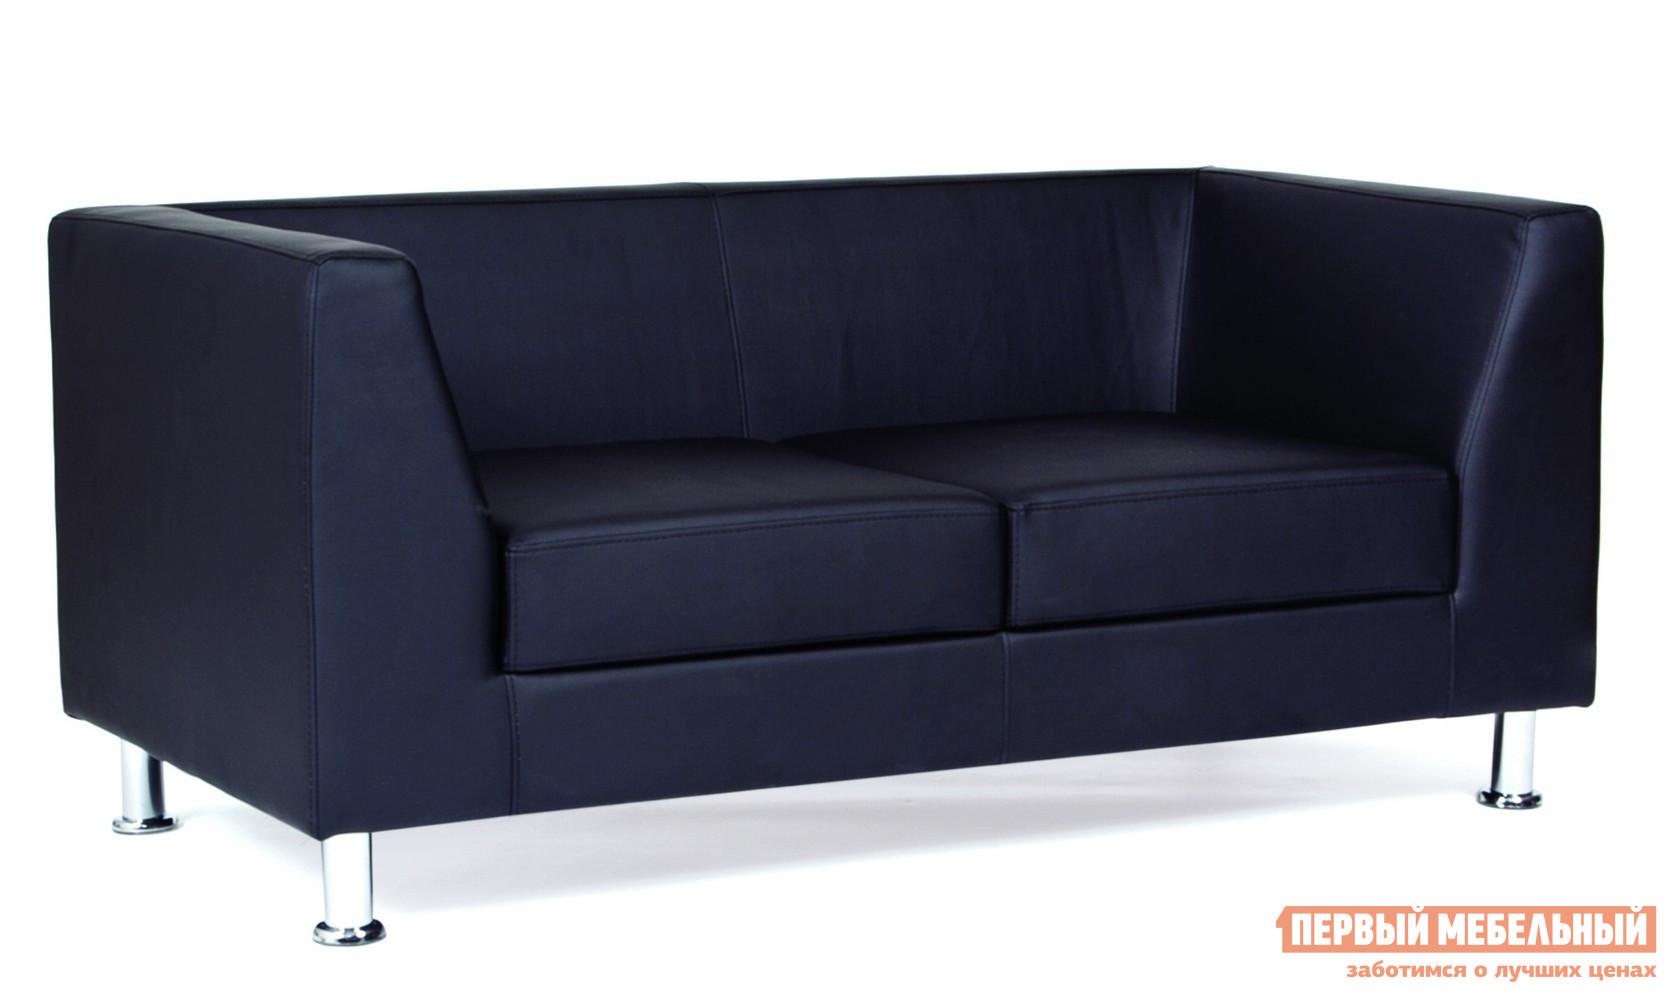 Диван офисный Тайпит Дерби диван двухместный гамак двухместный туристический voyager